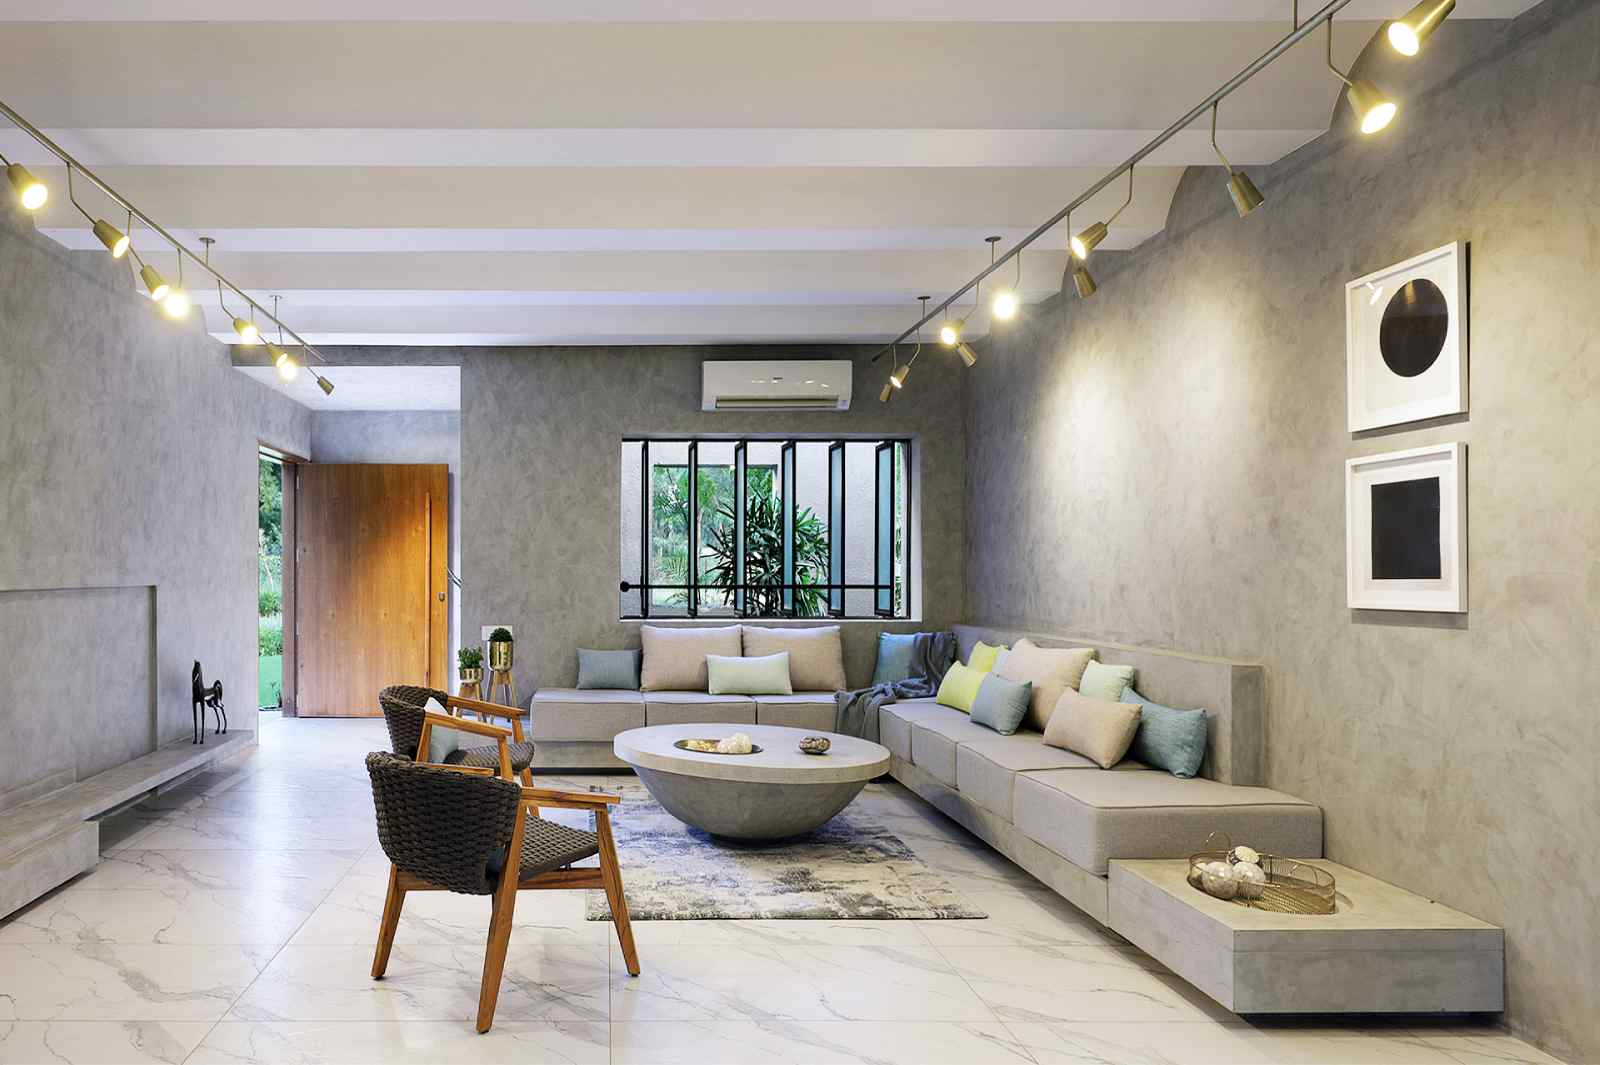 Thiết kế phòng khách biệt thự tối giản ở các nước khu vực Đông Nam Á